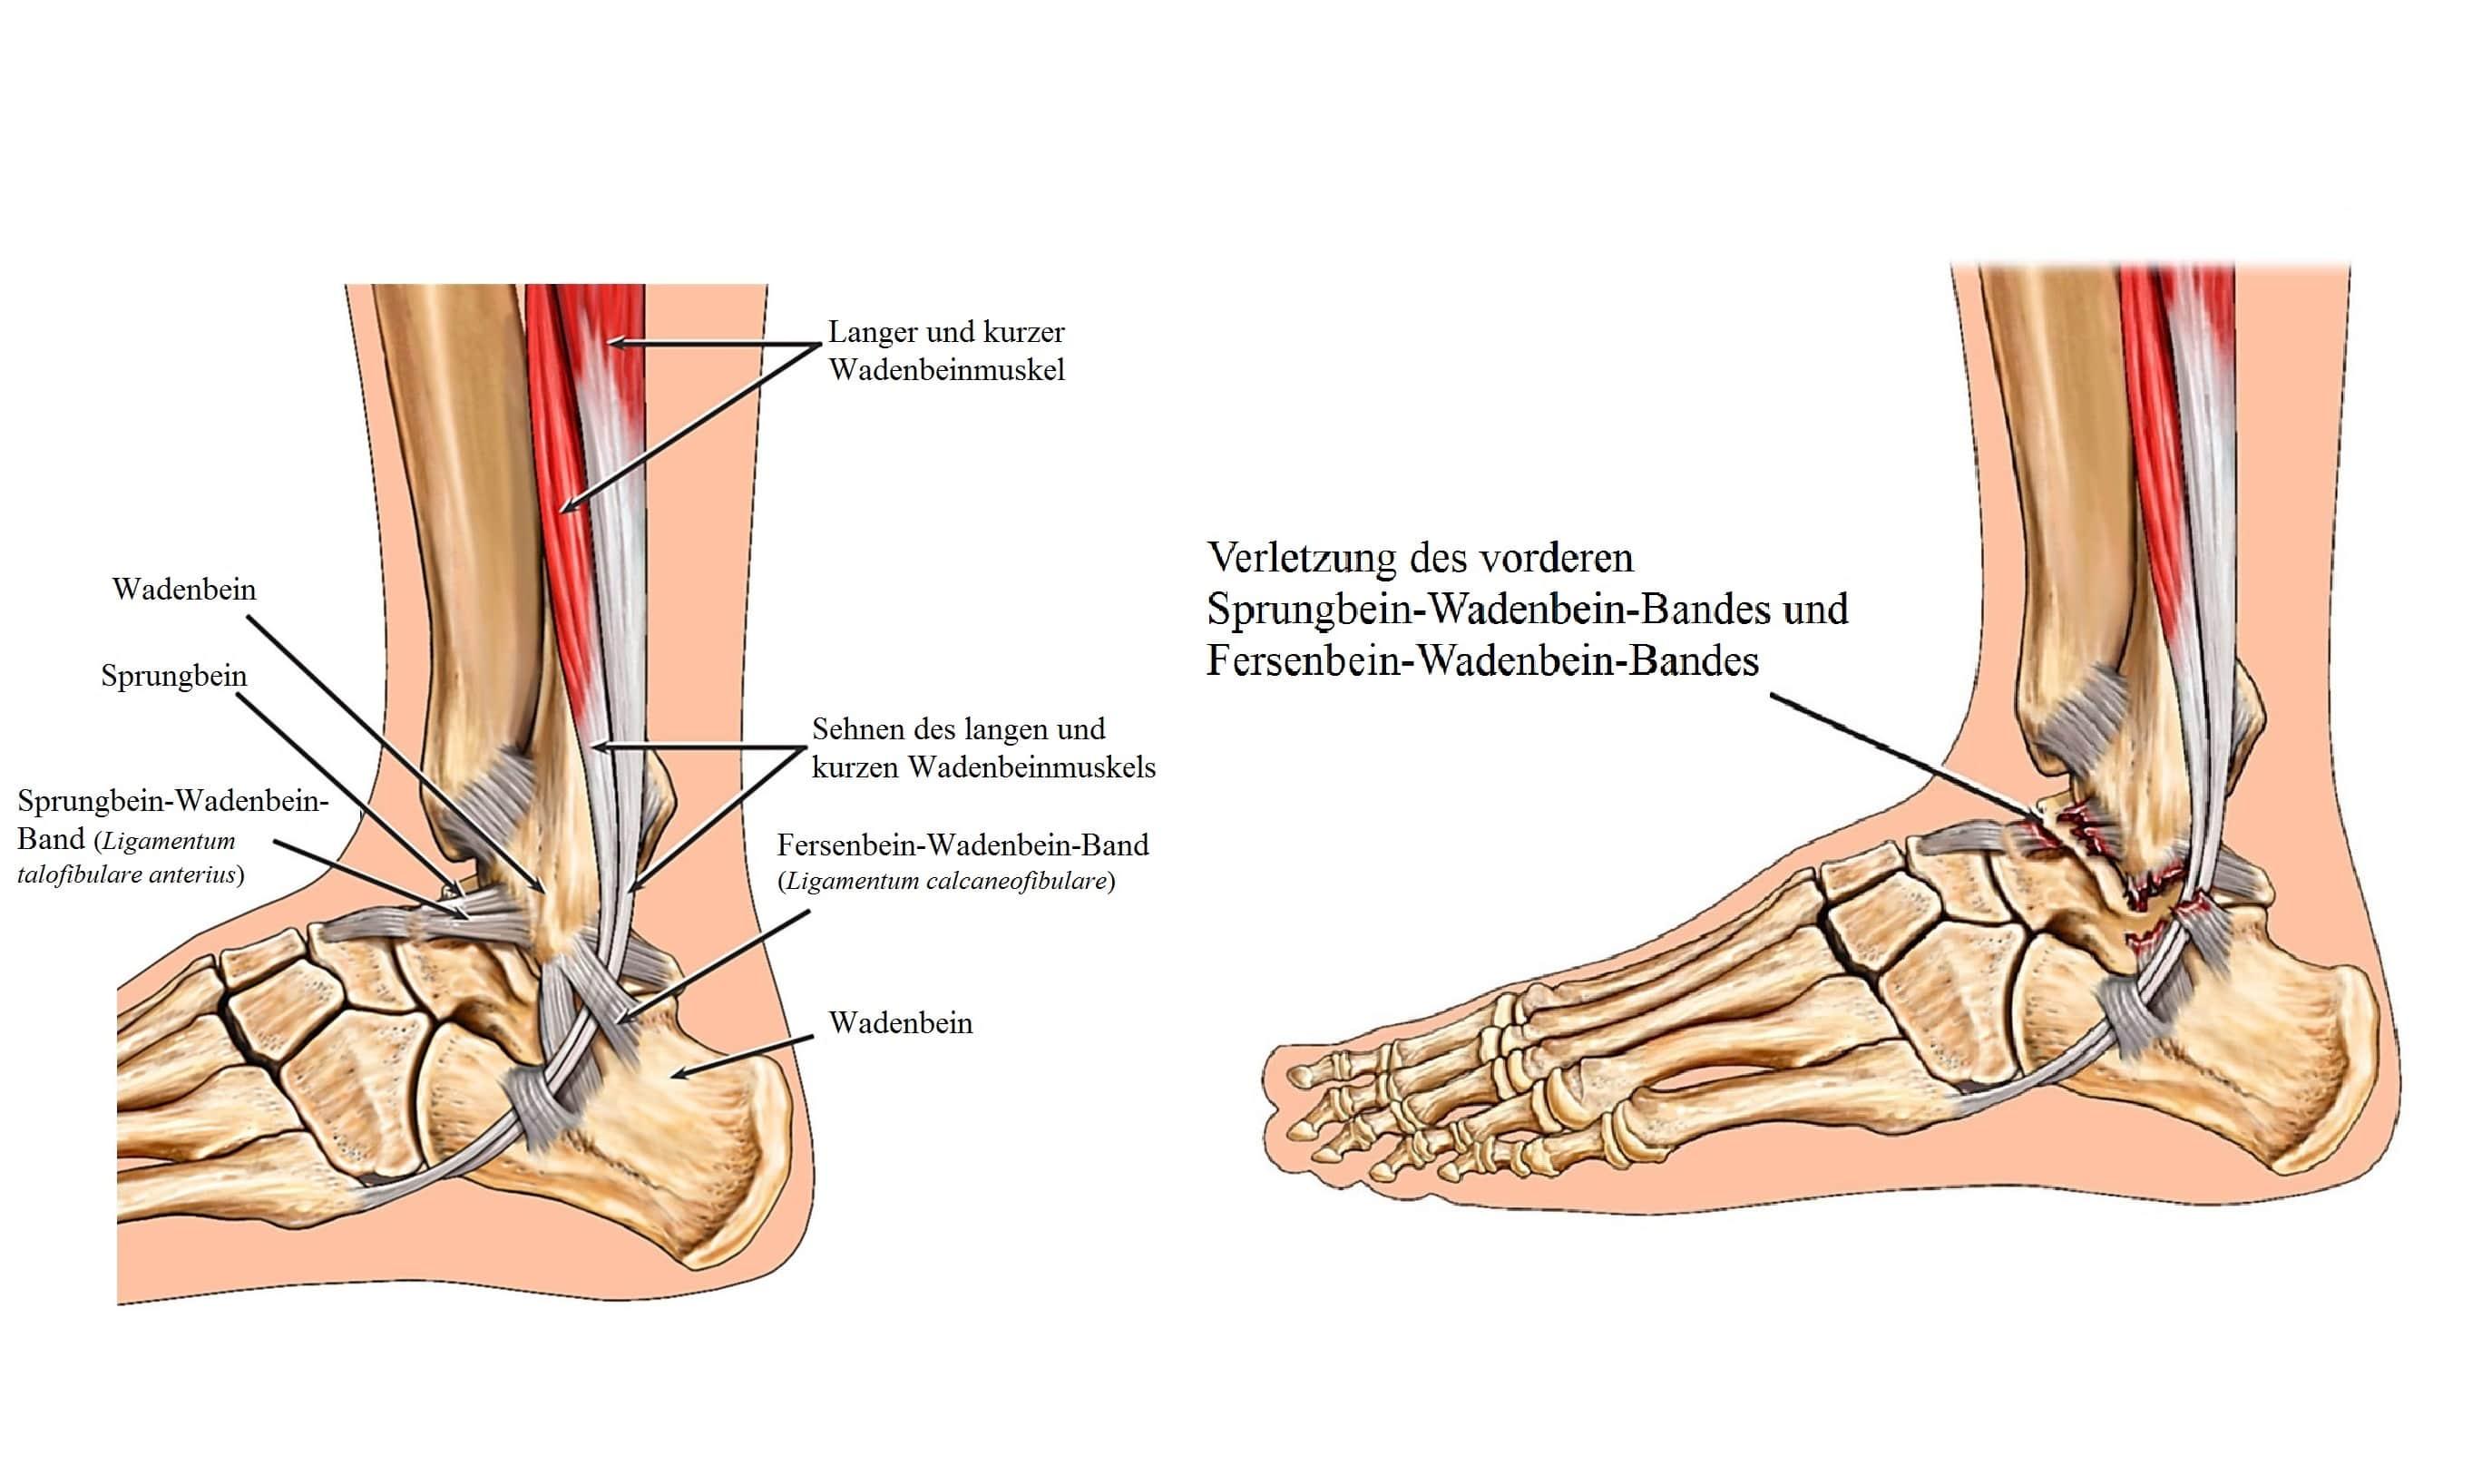 Wunderbar Anatomie Der Knöchel Sehnen Und Bänder Bilder - Anatomie ...